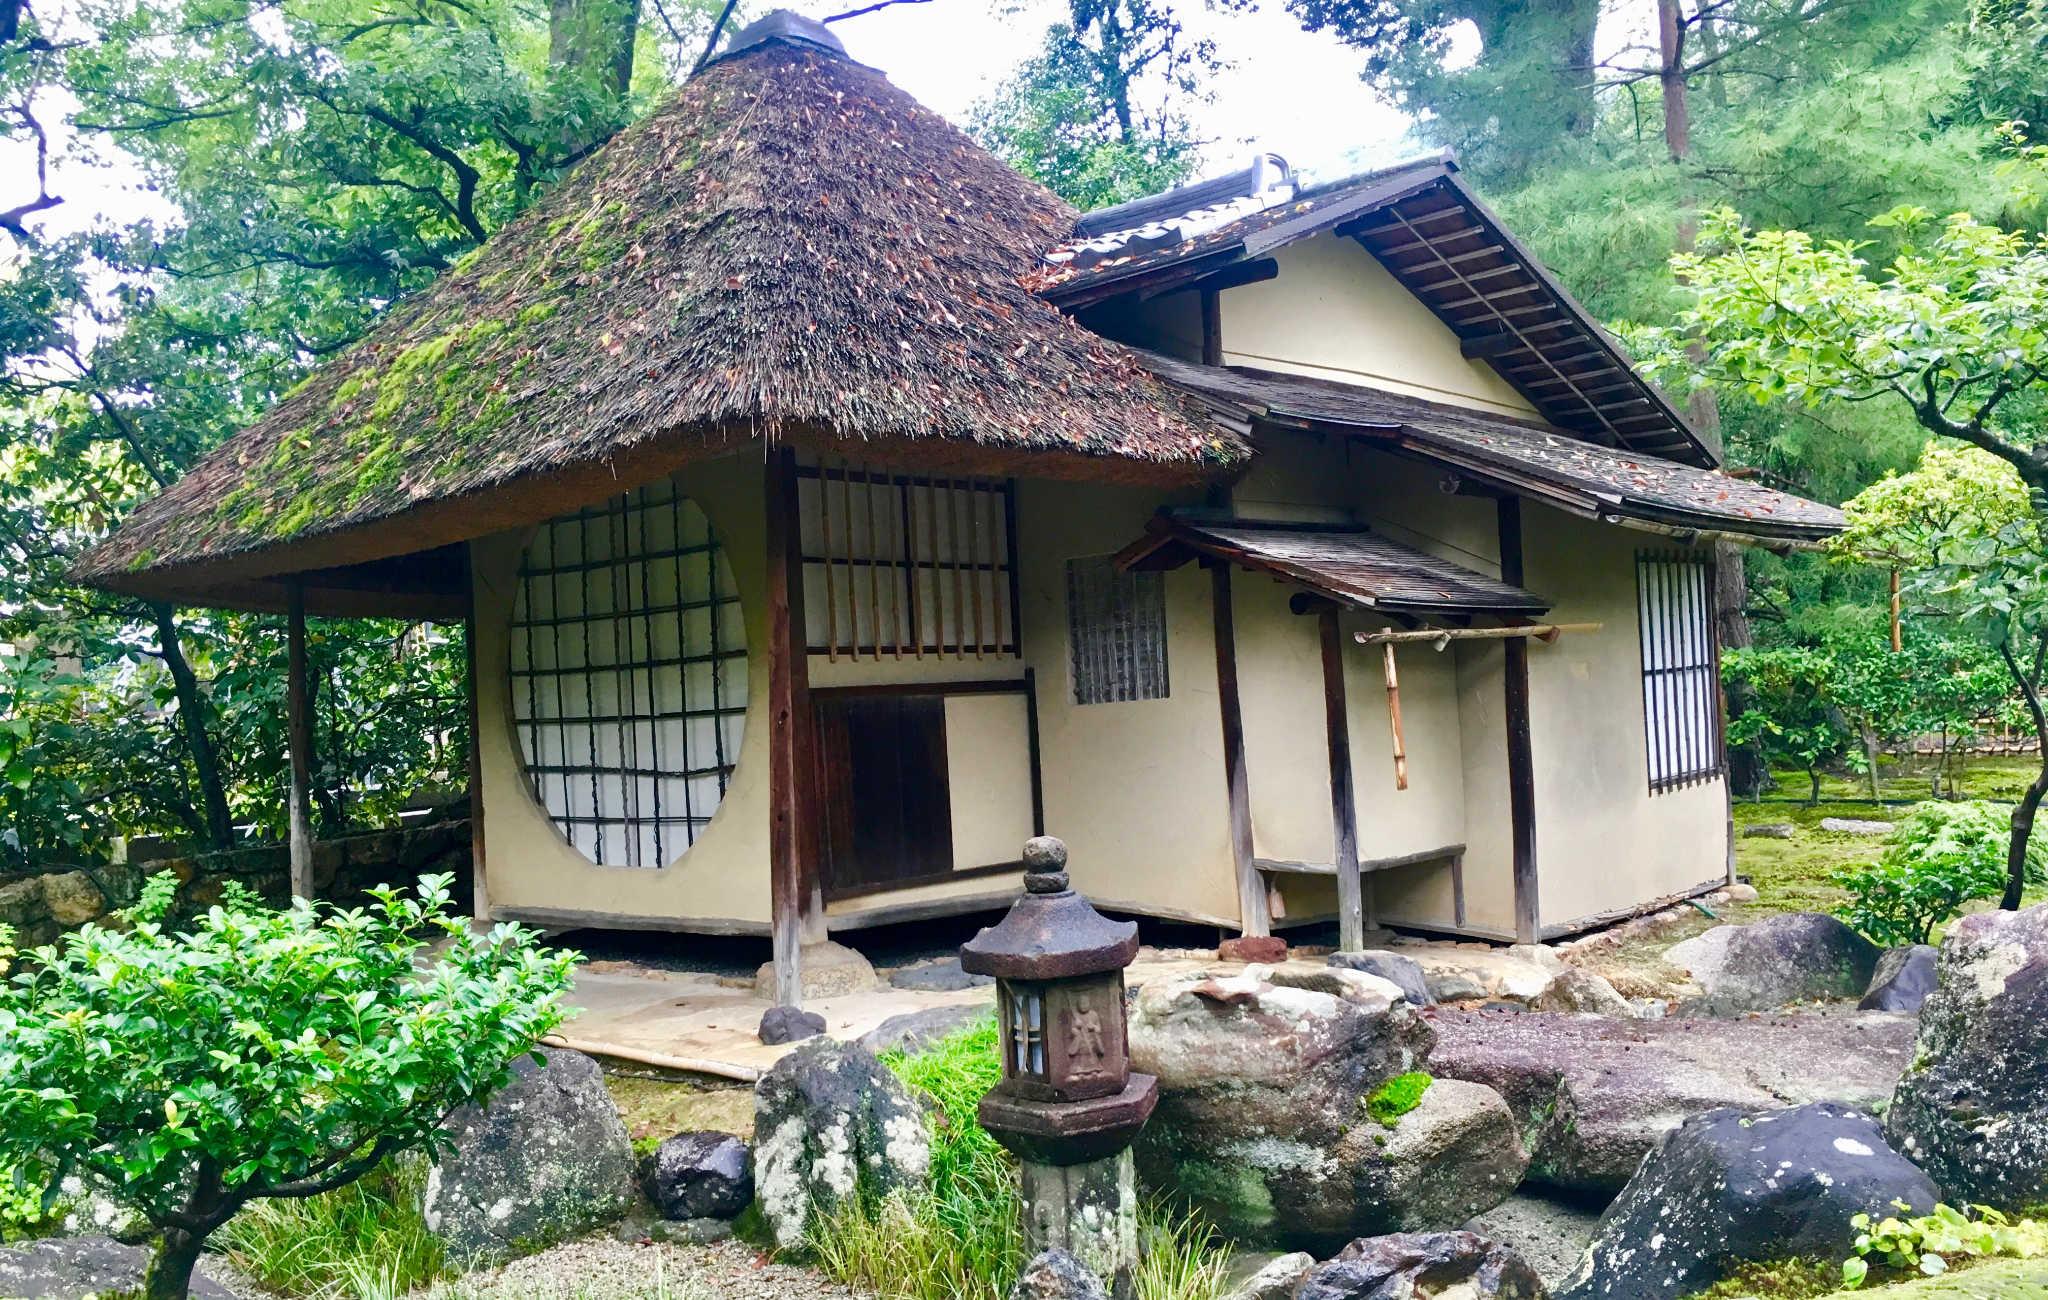 Maison de thé dans le jardin Kodai-ji à Kyoto